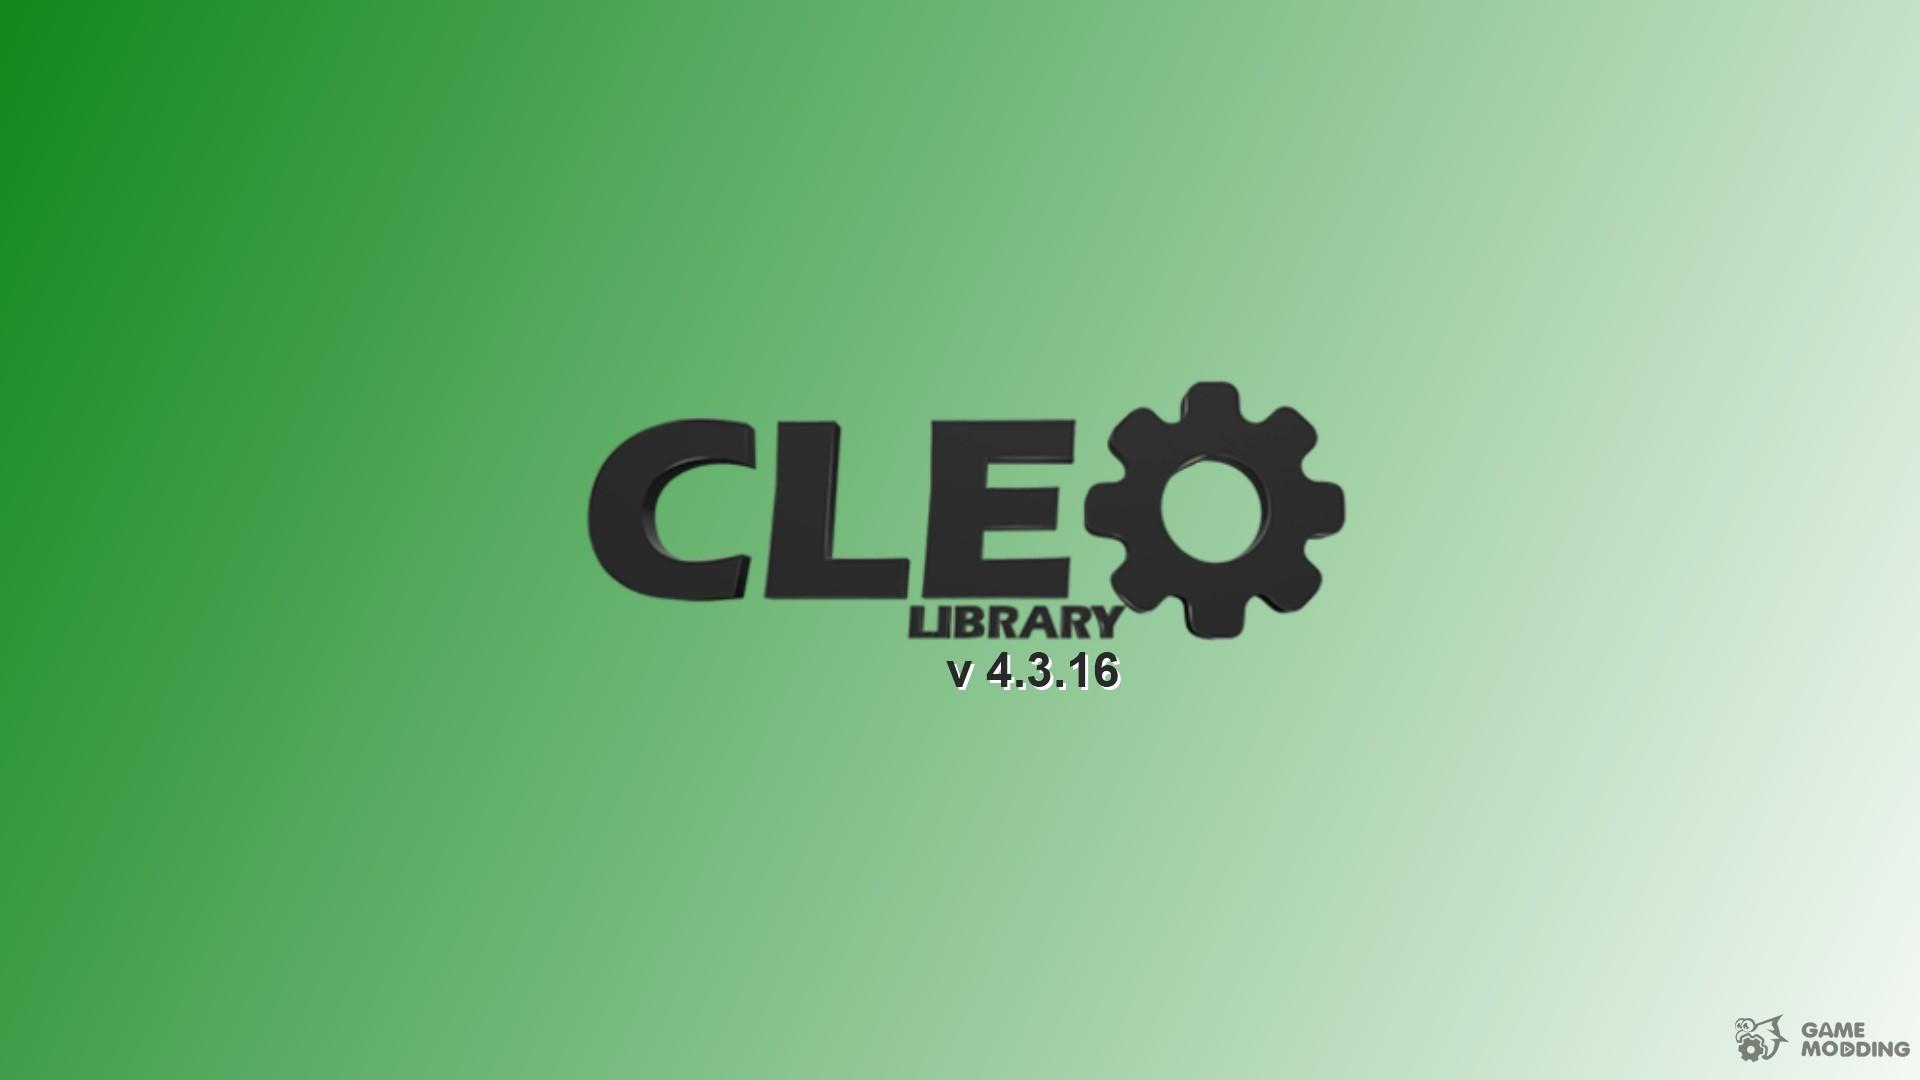 Скачать Папку Cleo 4